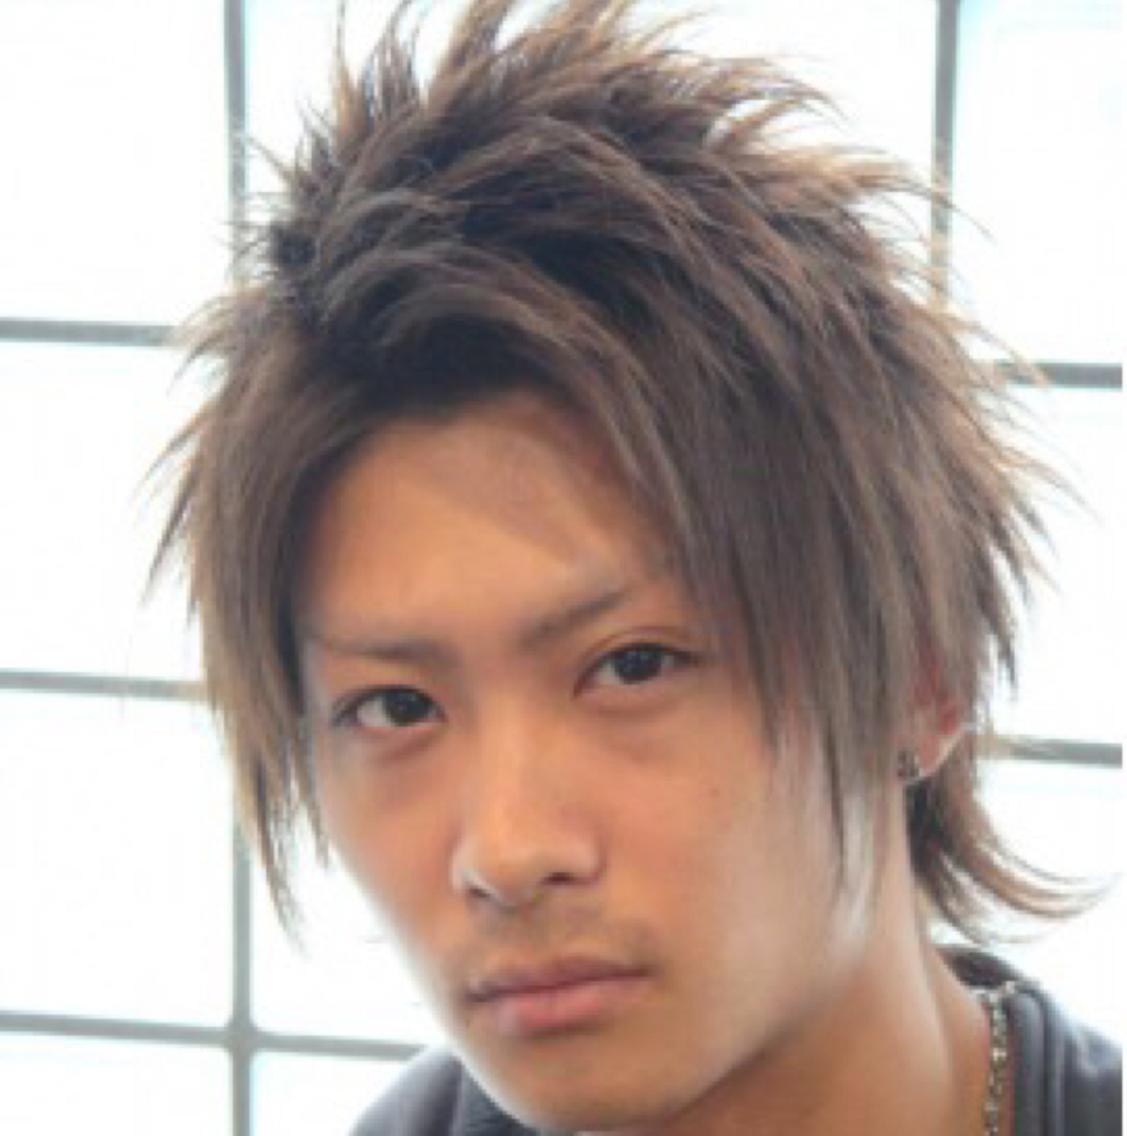 【大好評♪♪期間限定minimoクーポン】メンズカット¥3000